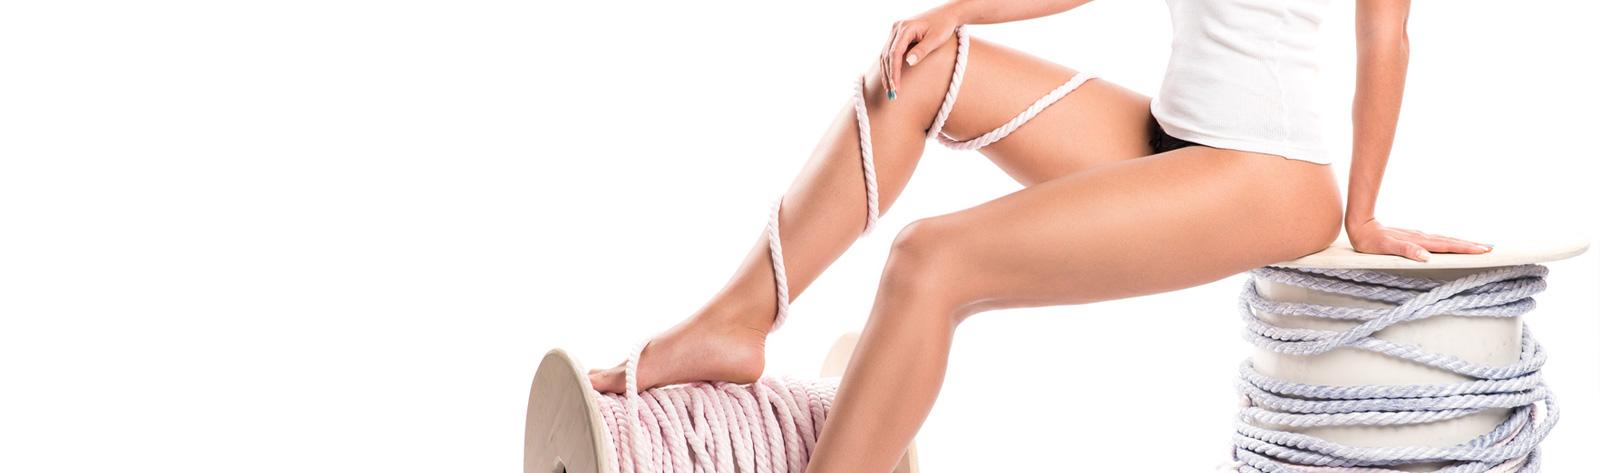 Leczenie żylaków kończyn dolnych – przegląd zabiegów